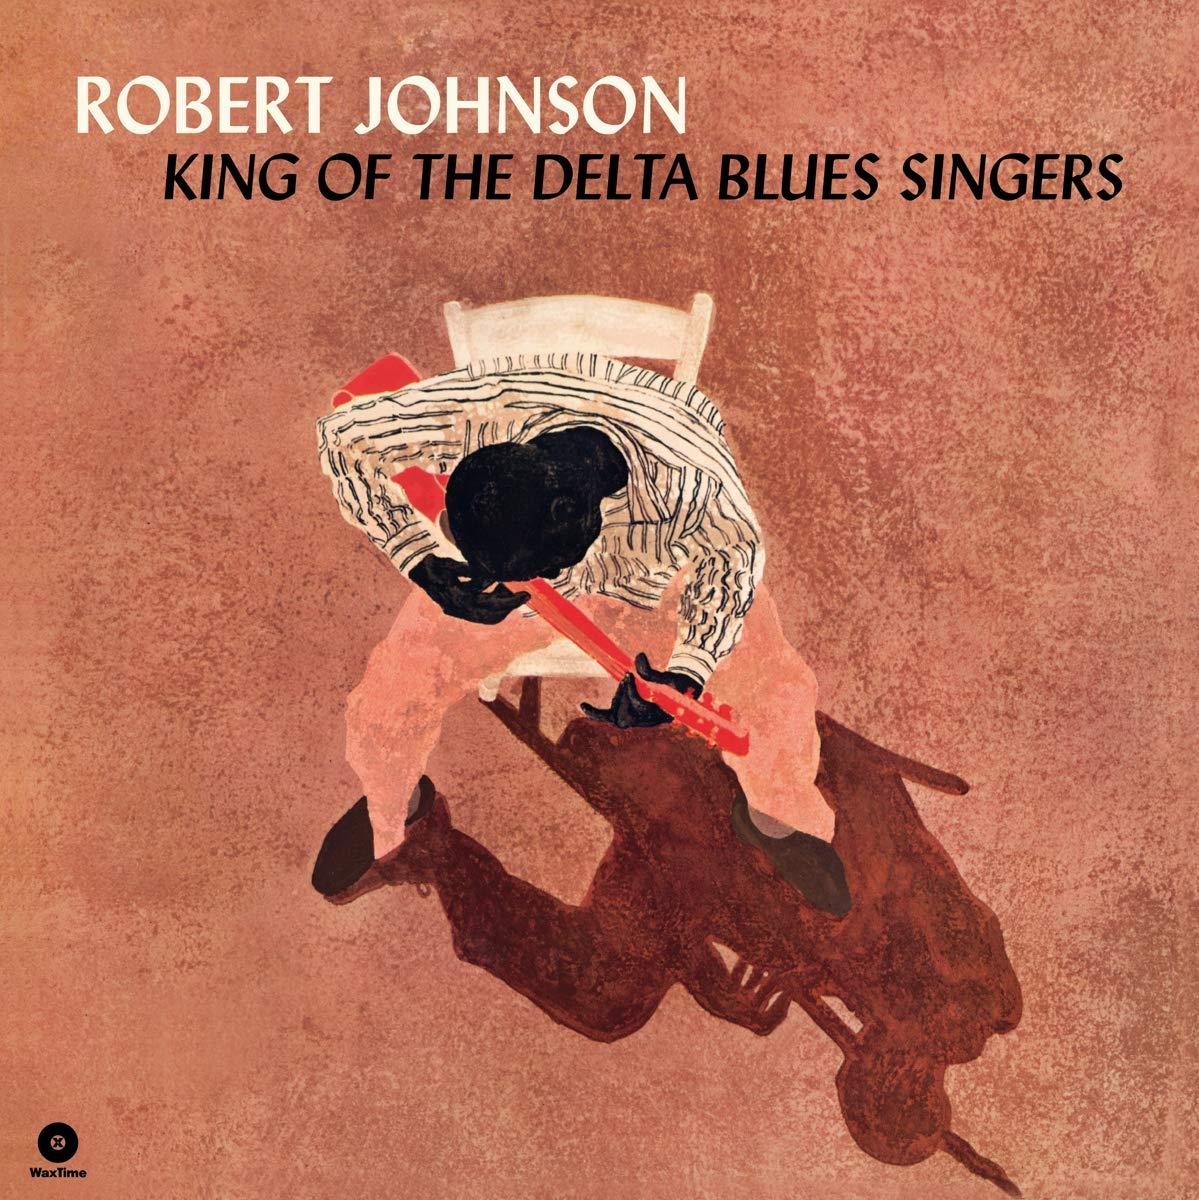 Vinilo : Robert Johnson - King Of The Delta Blues Singers (180 Gram Vinyl, Limited Edition, Bonus Tracks, Spain - Import)